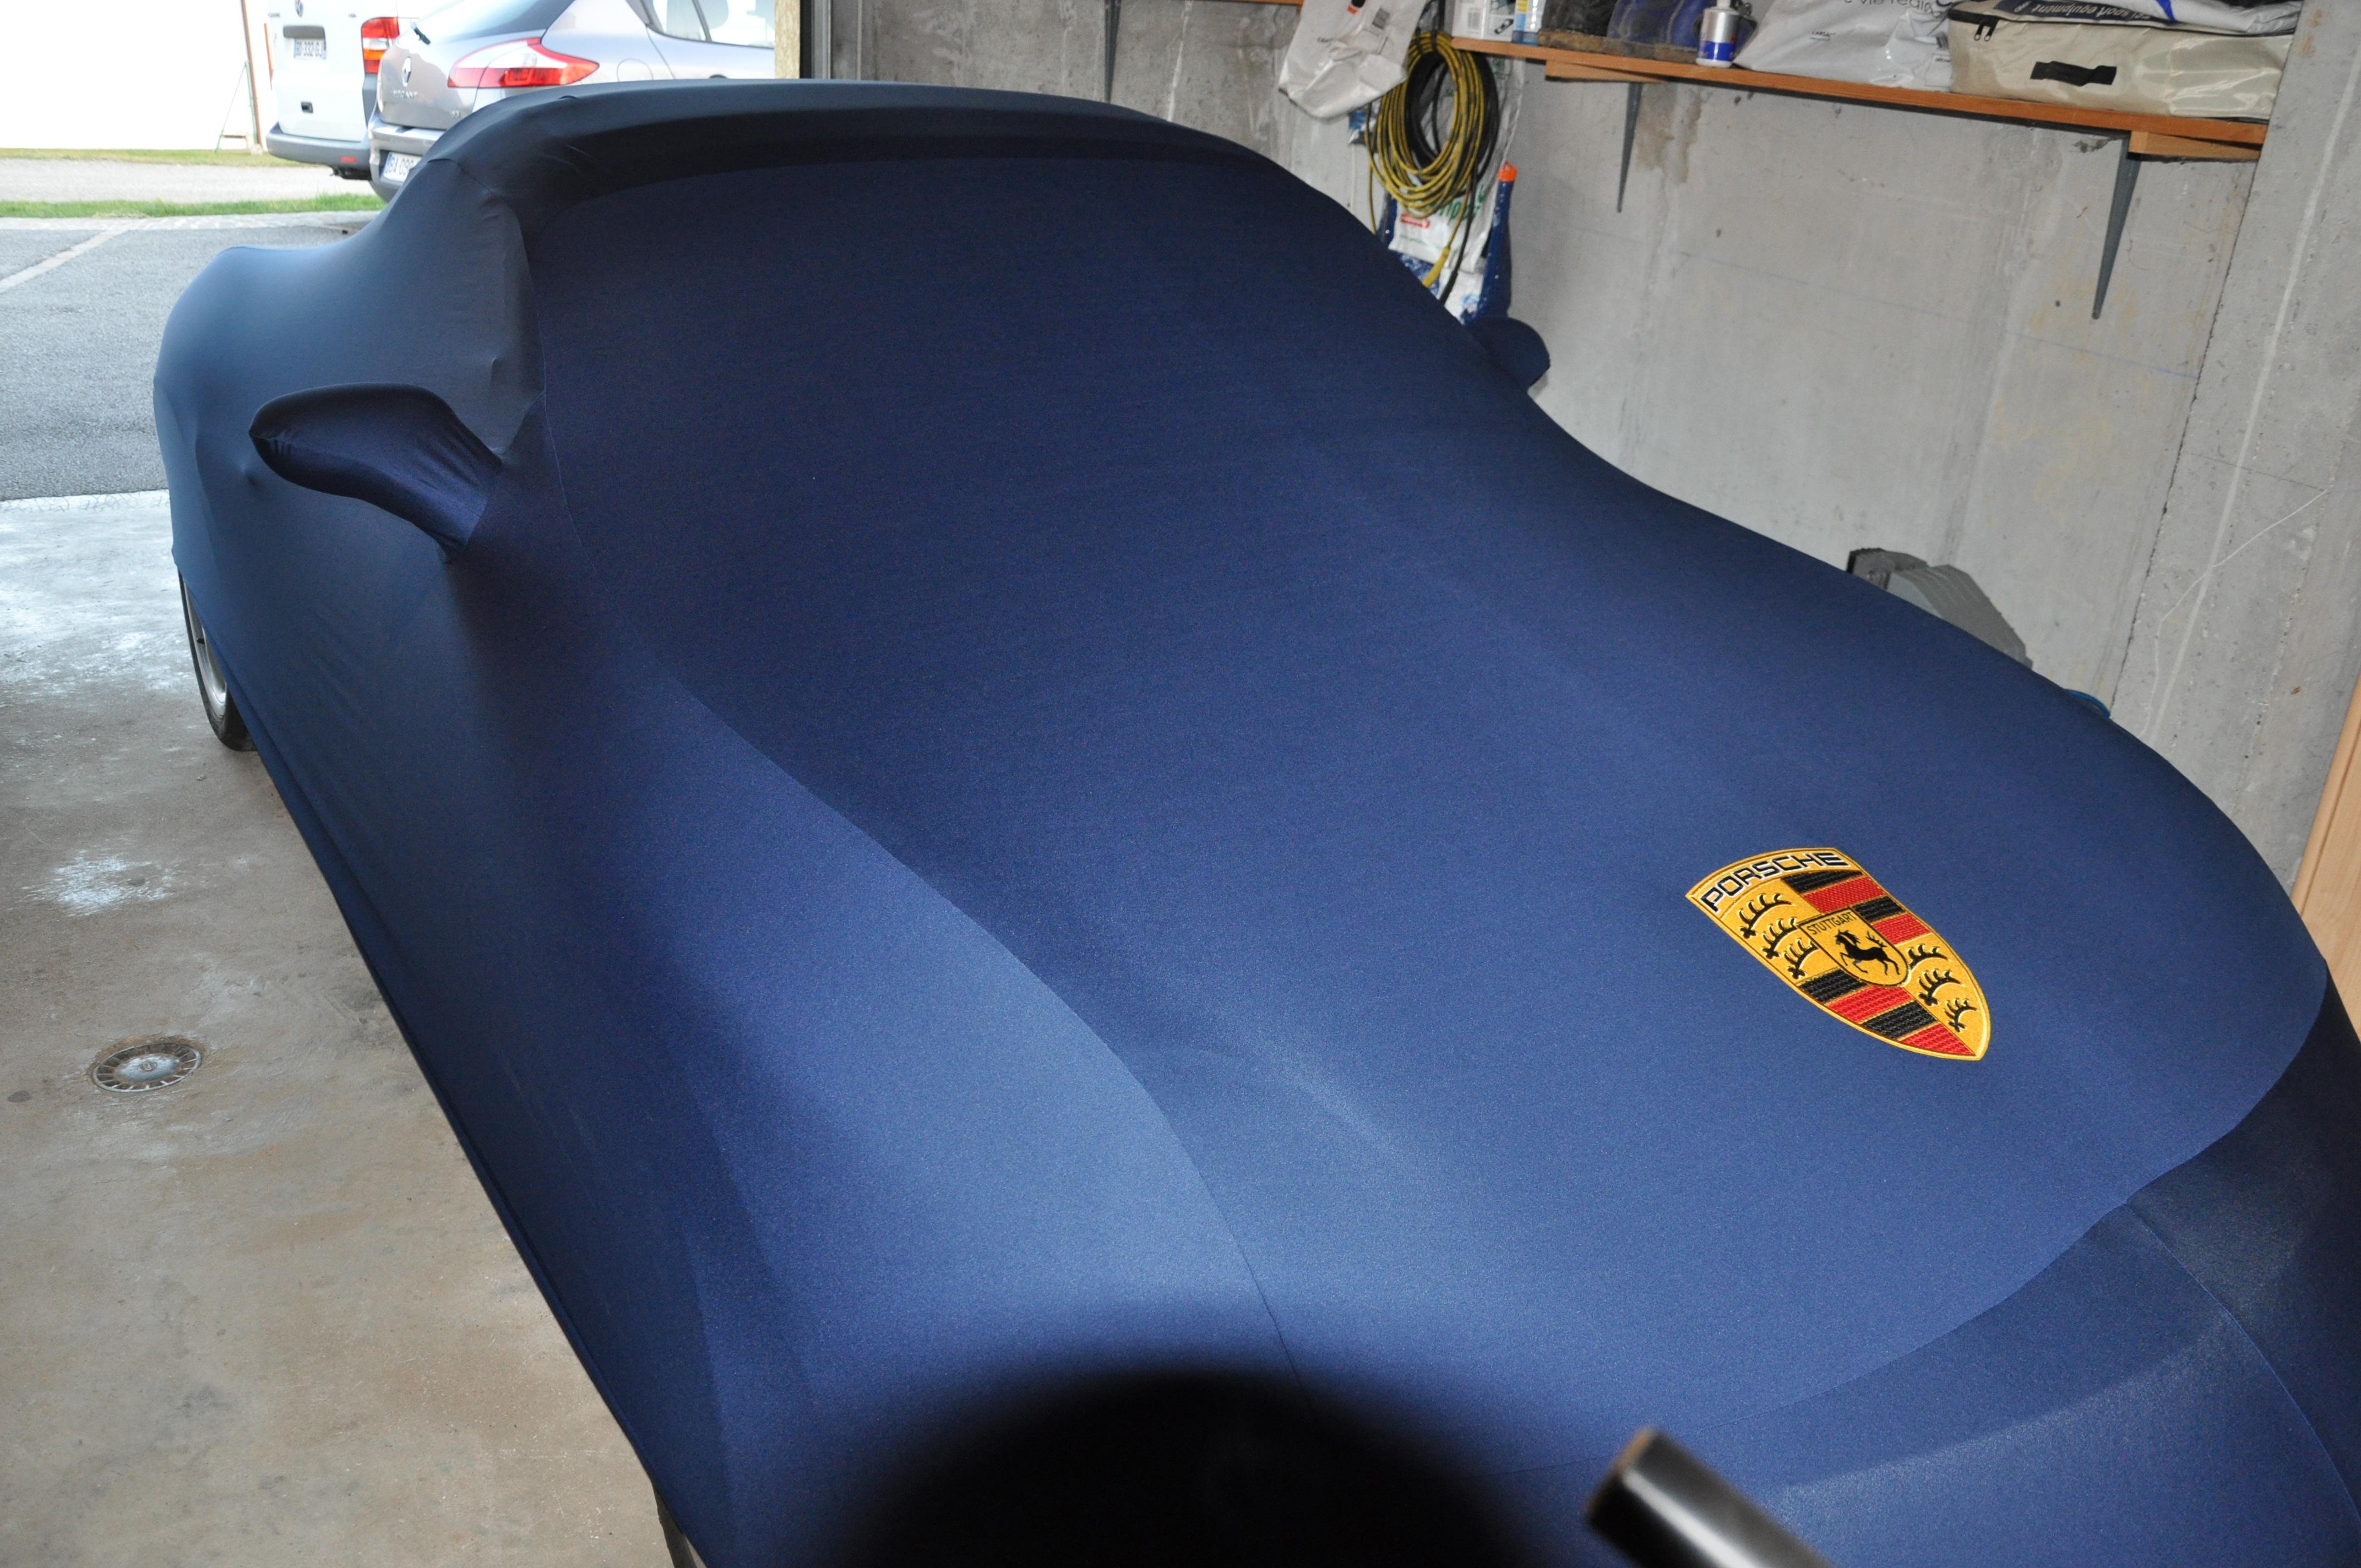 housses dustcover accessoires boxster cayman 911 porsche. Black Bedroom Furniture Sets. Home Design Ideas